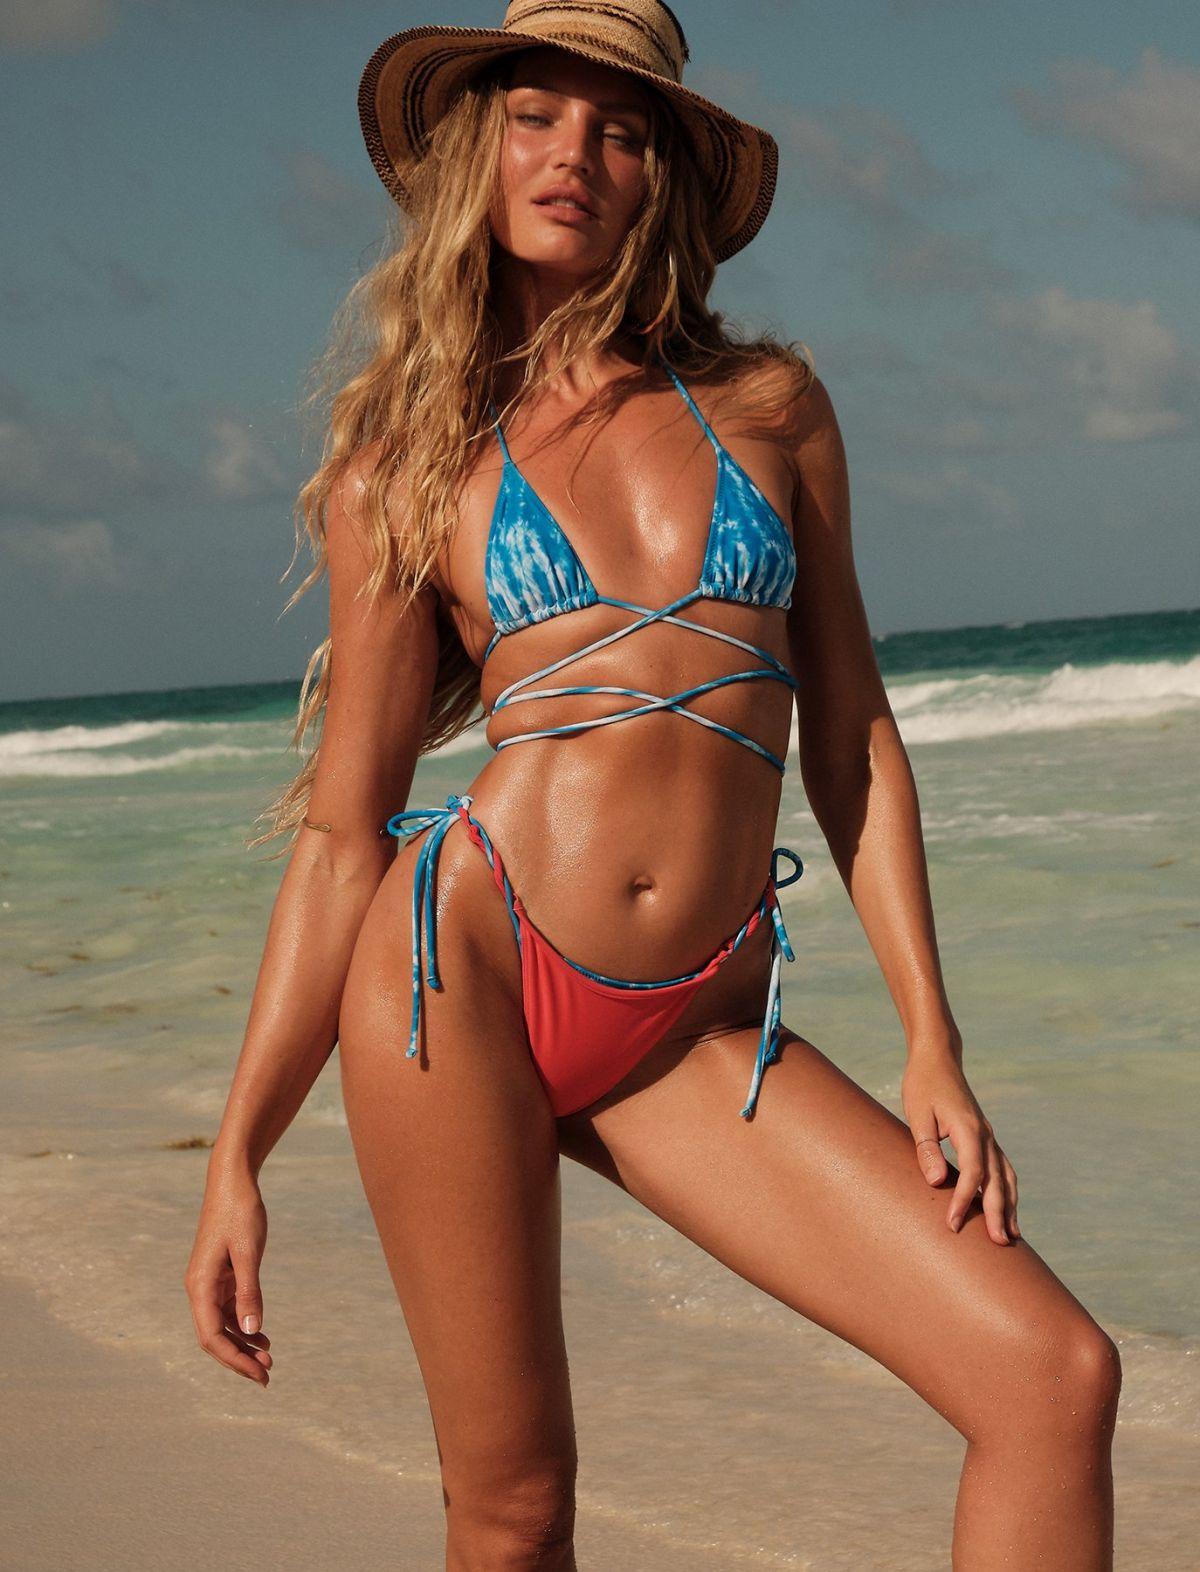 Candice Swanepoel In Bikini